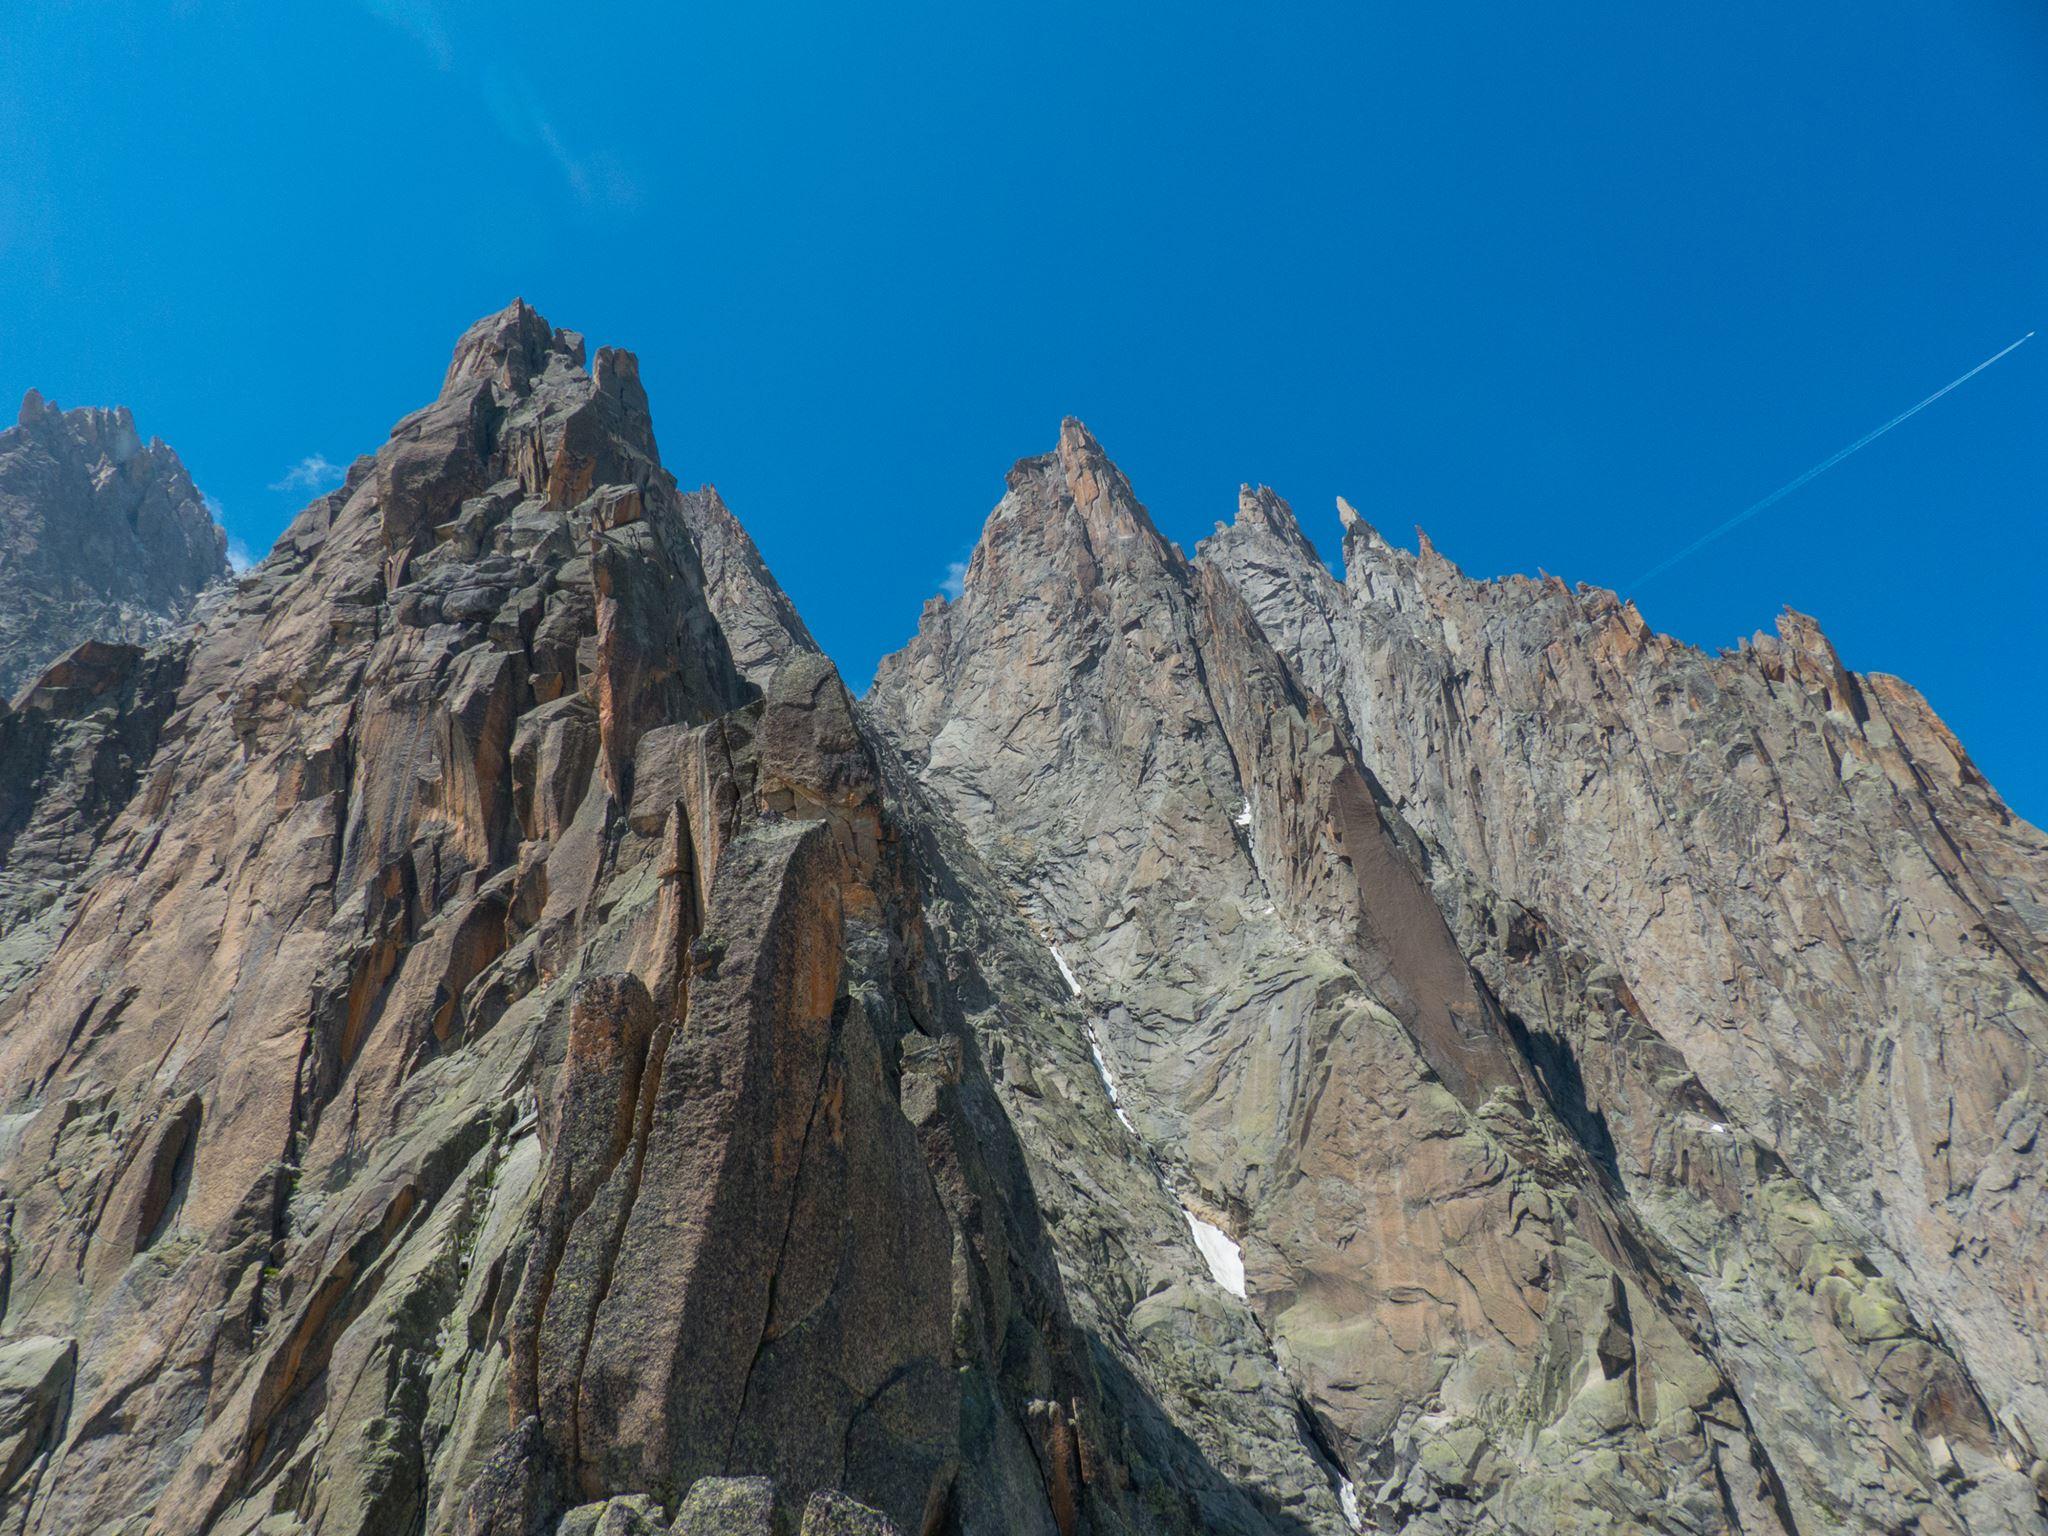 L'envers des Aiguilles à Chamonix - (®Fred Vionnet - grimpisme.com)